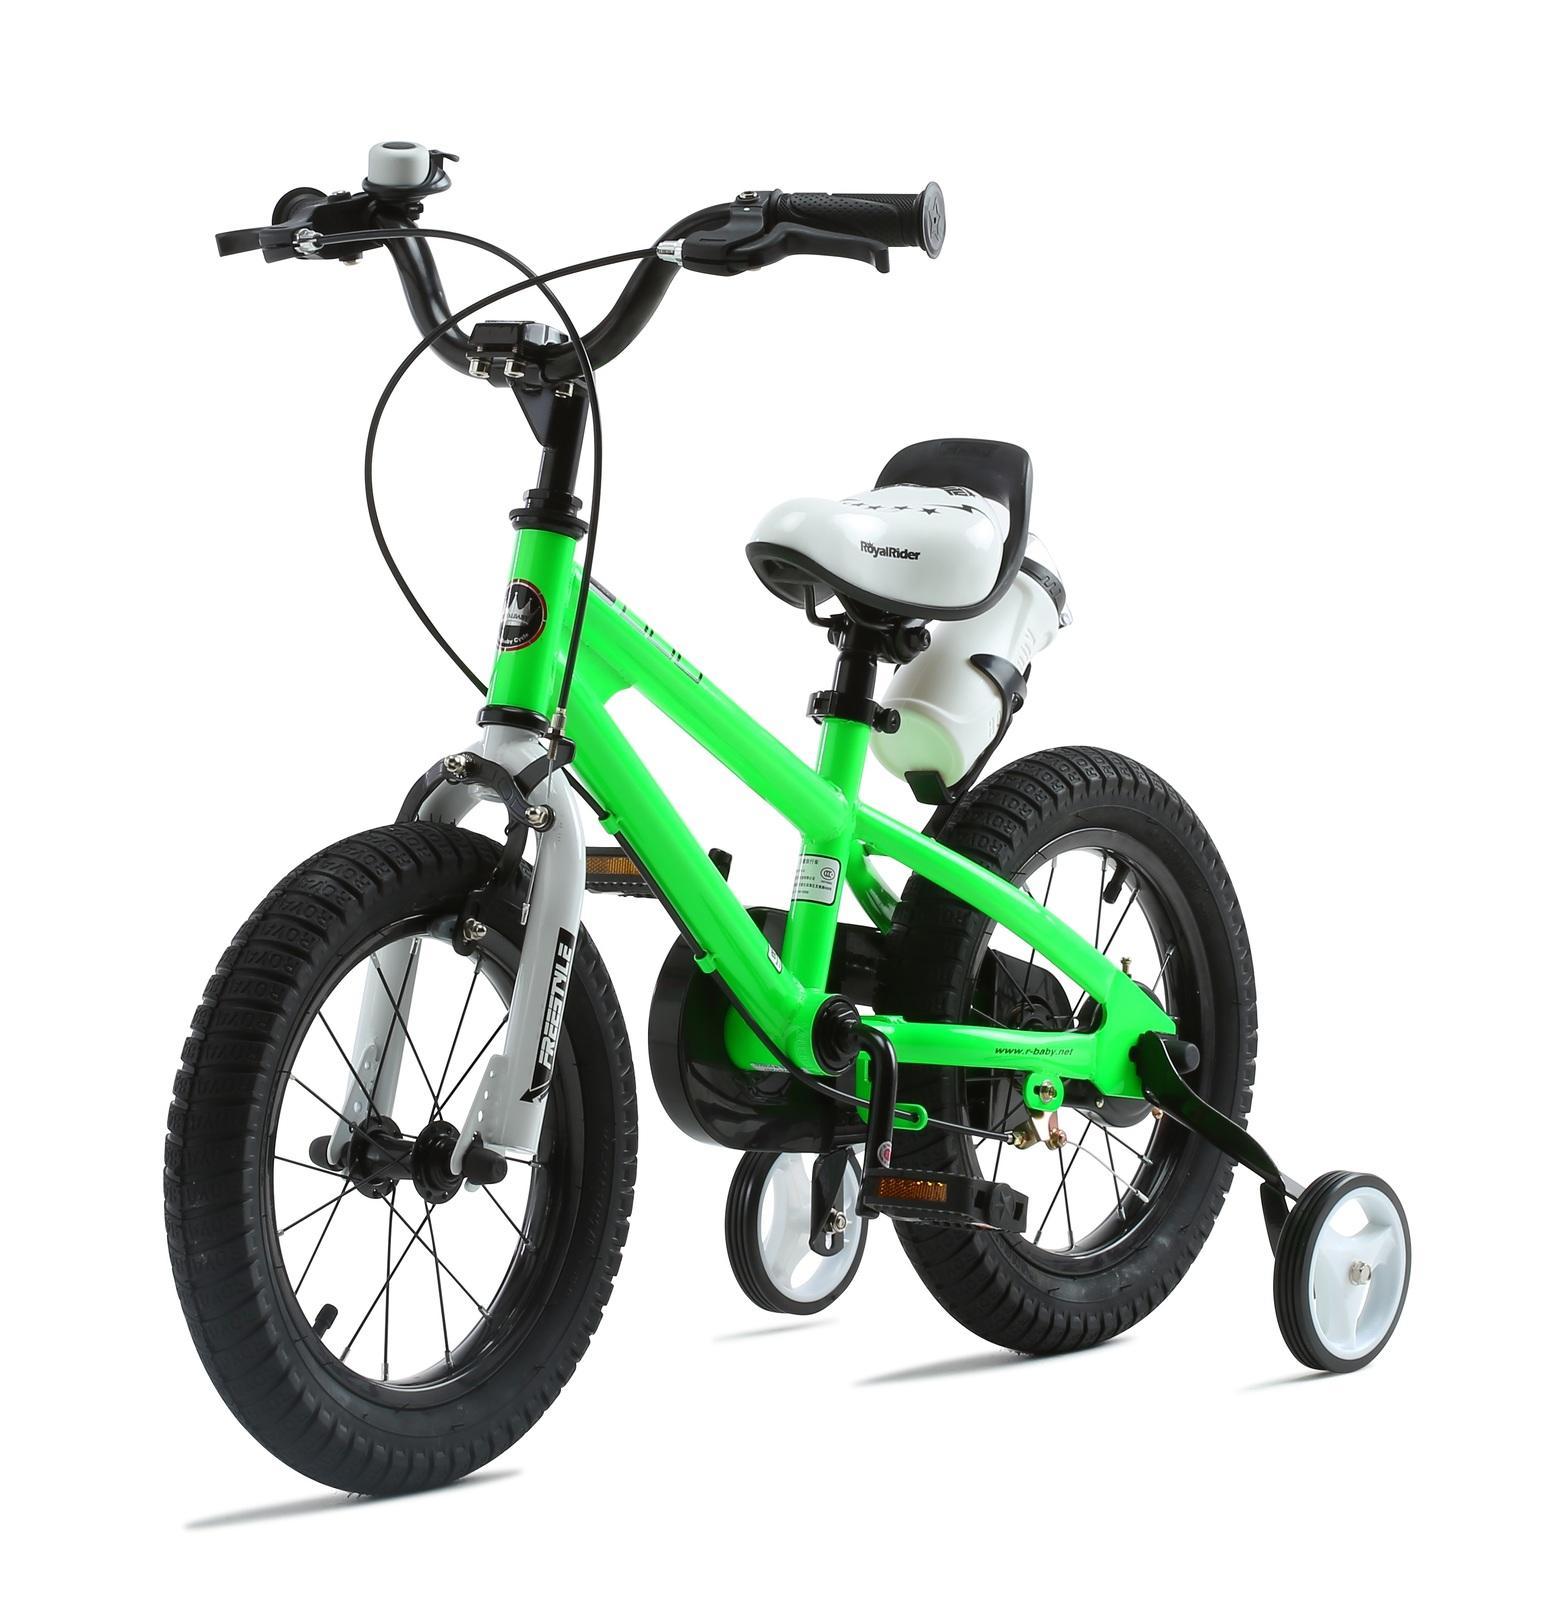 """RoyalBaby: BMX Freestyle - 16"""" Bike (Green) image"""